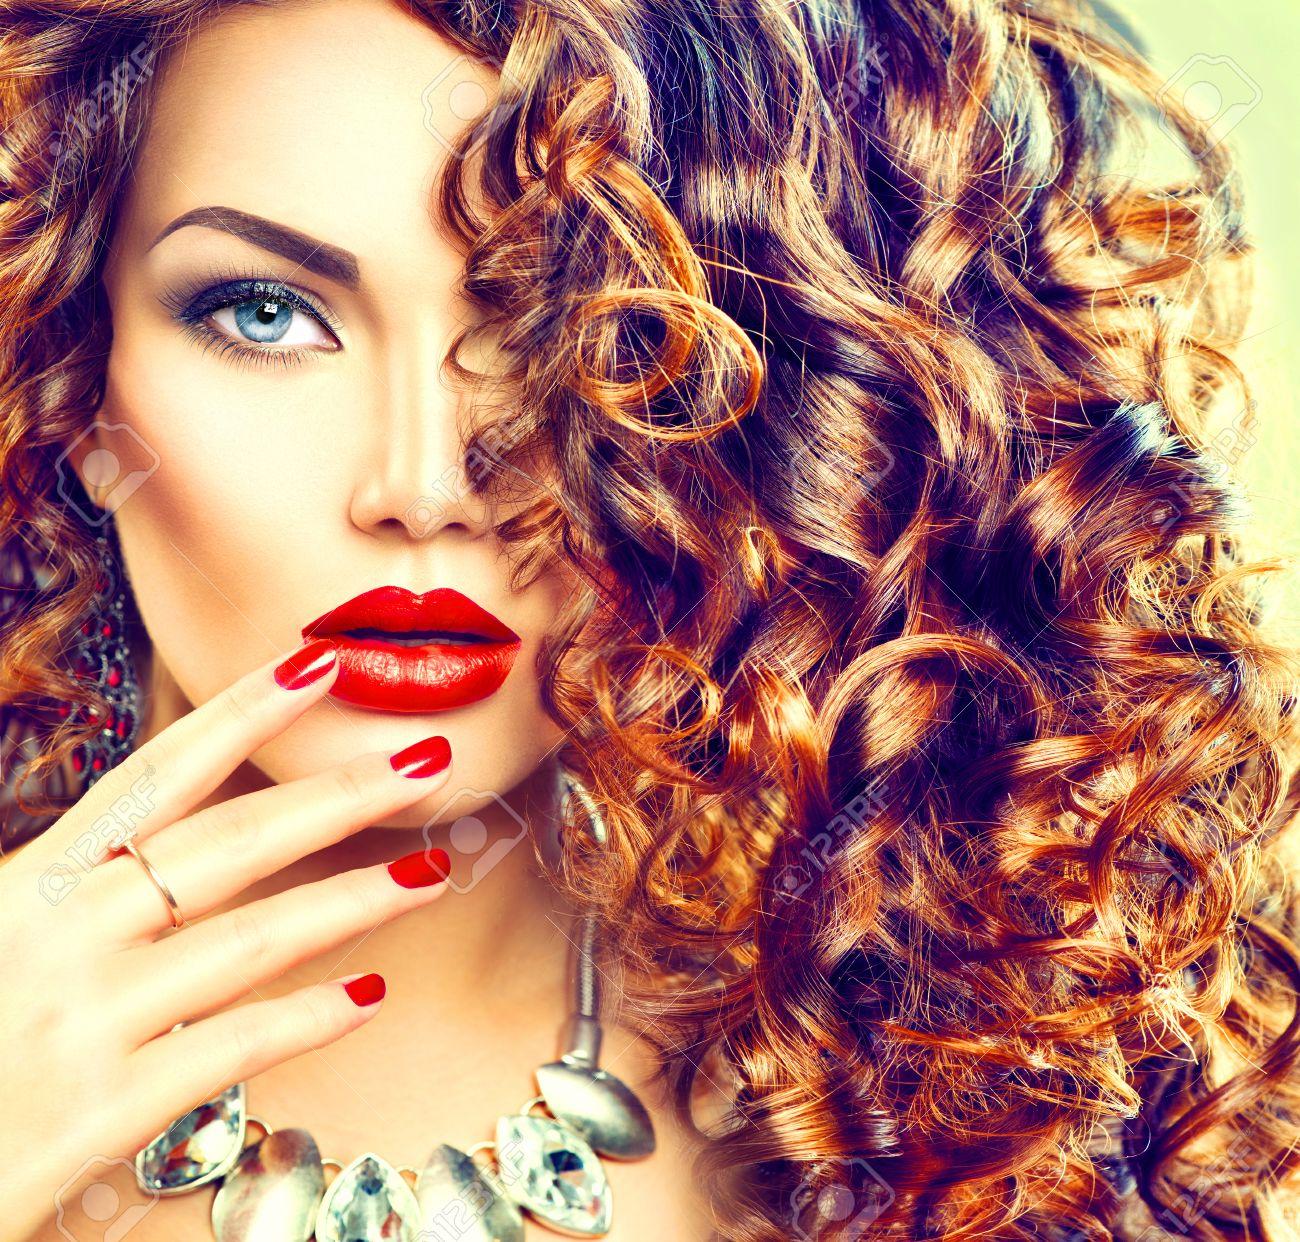 cabello rizado largo mujer joven de la belleza morena con el pelo rizado maquillaje